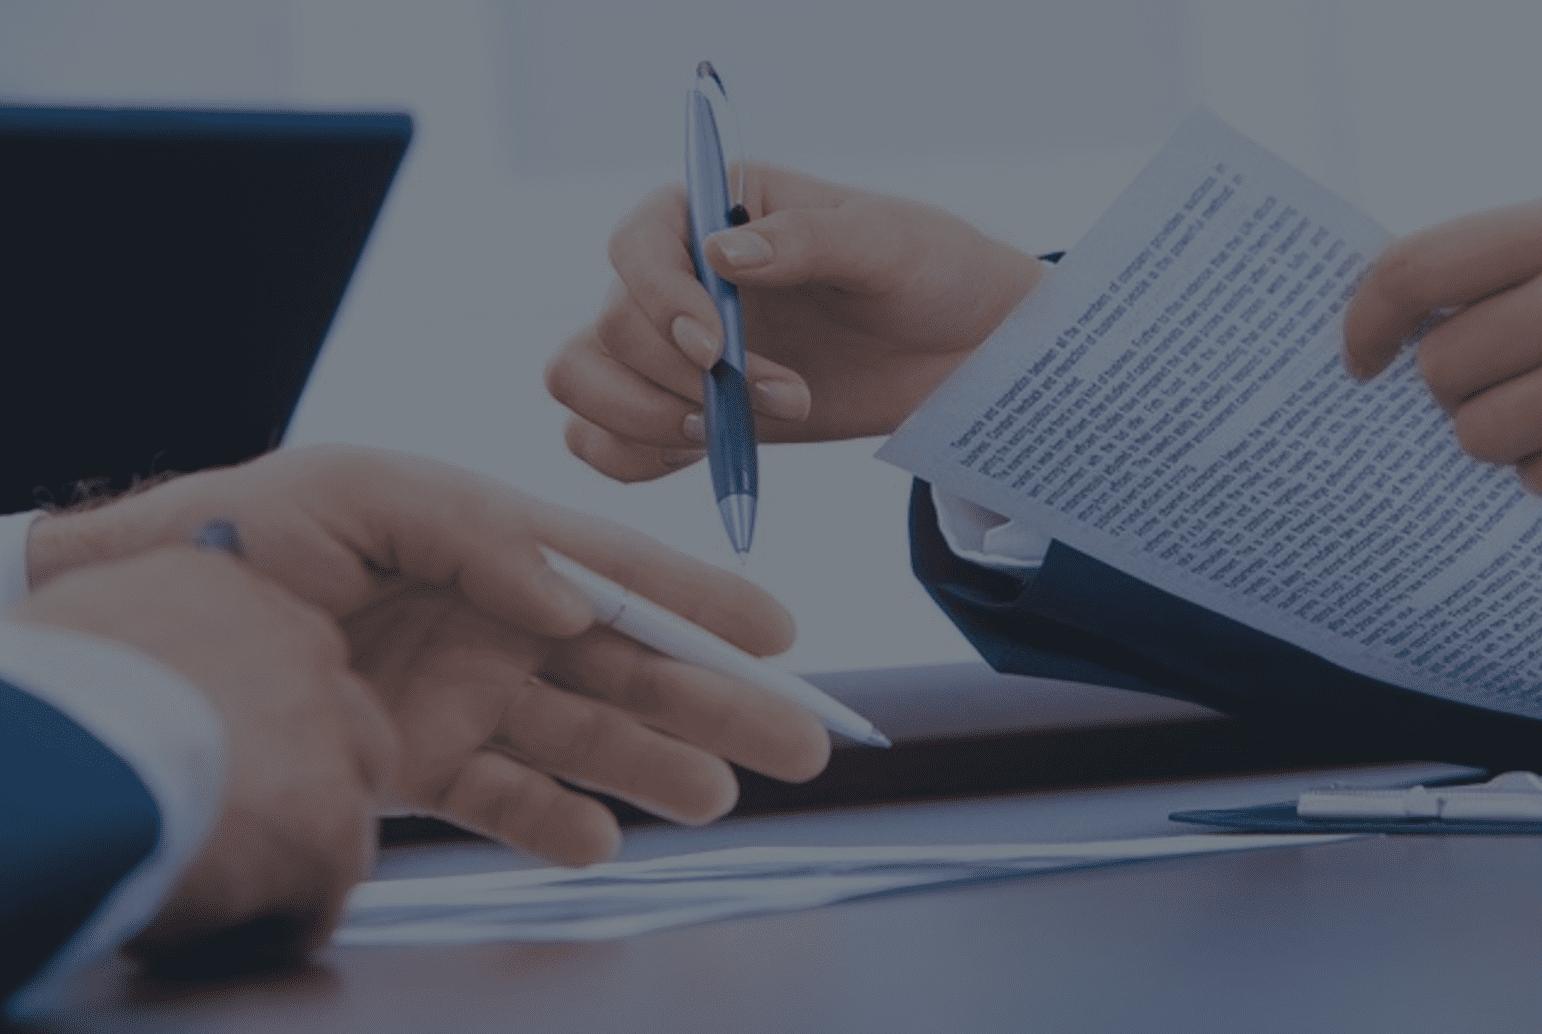 「秘密保持等に関する誓約書」M&Aで活用できる ひな形(資料ダウンロード)【書籍『会計事務所の事業承継・M&Aの実務』掲載資料データ】